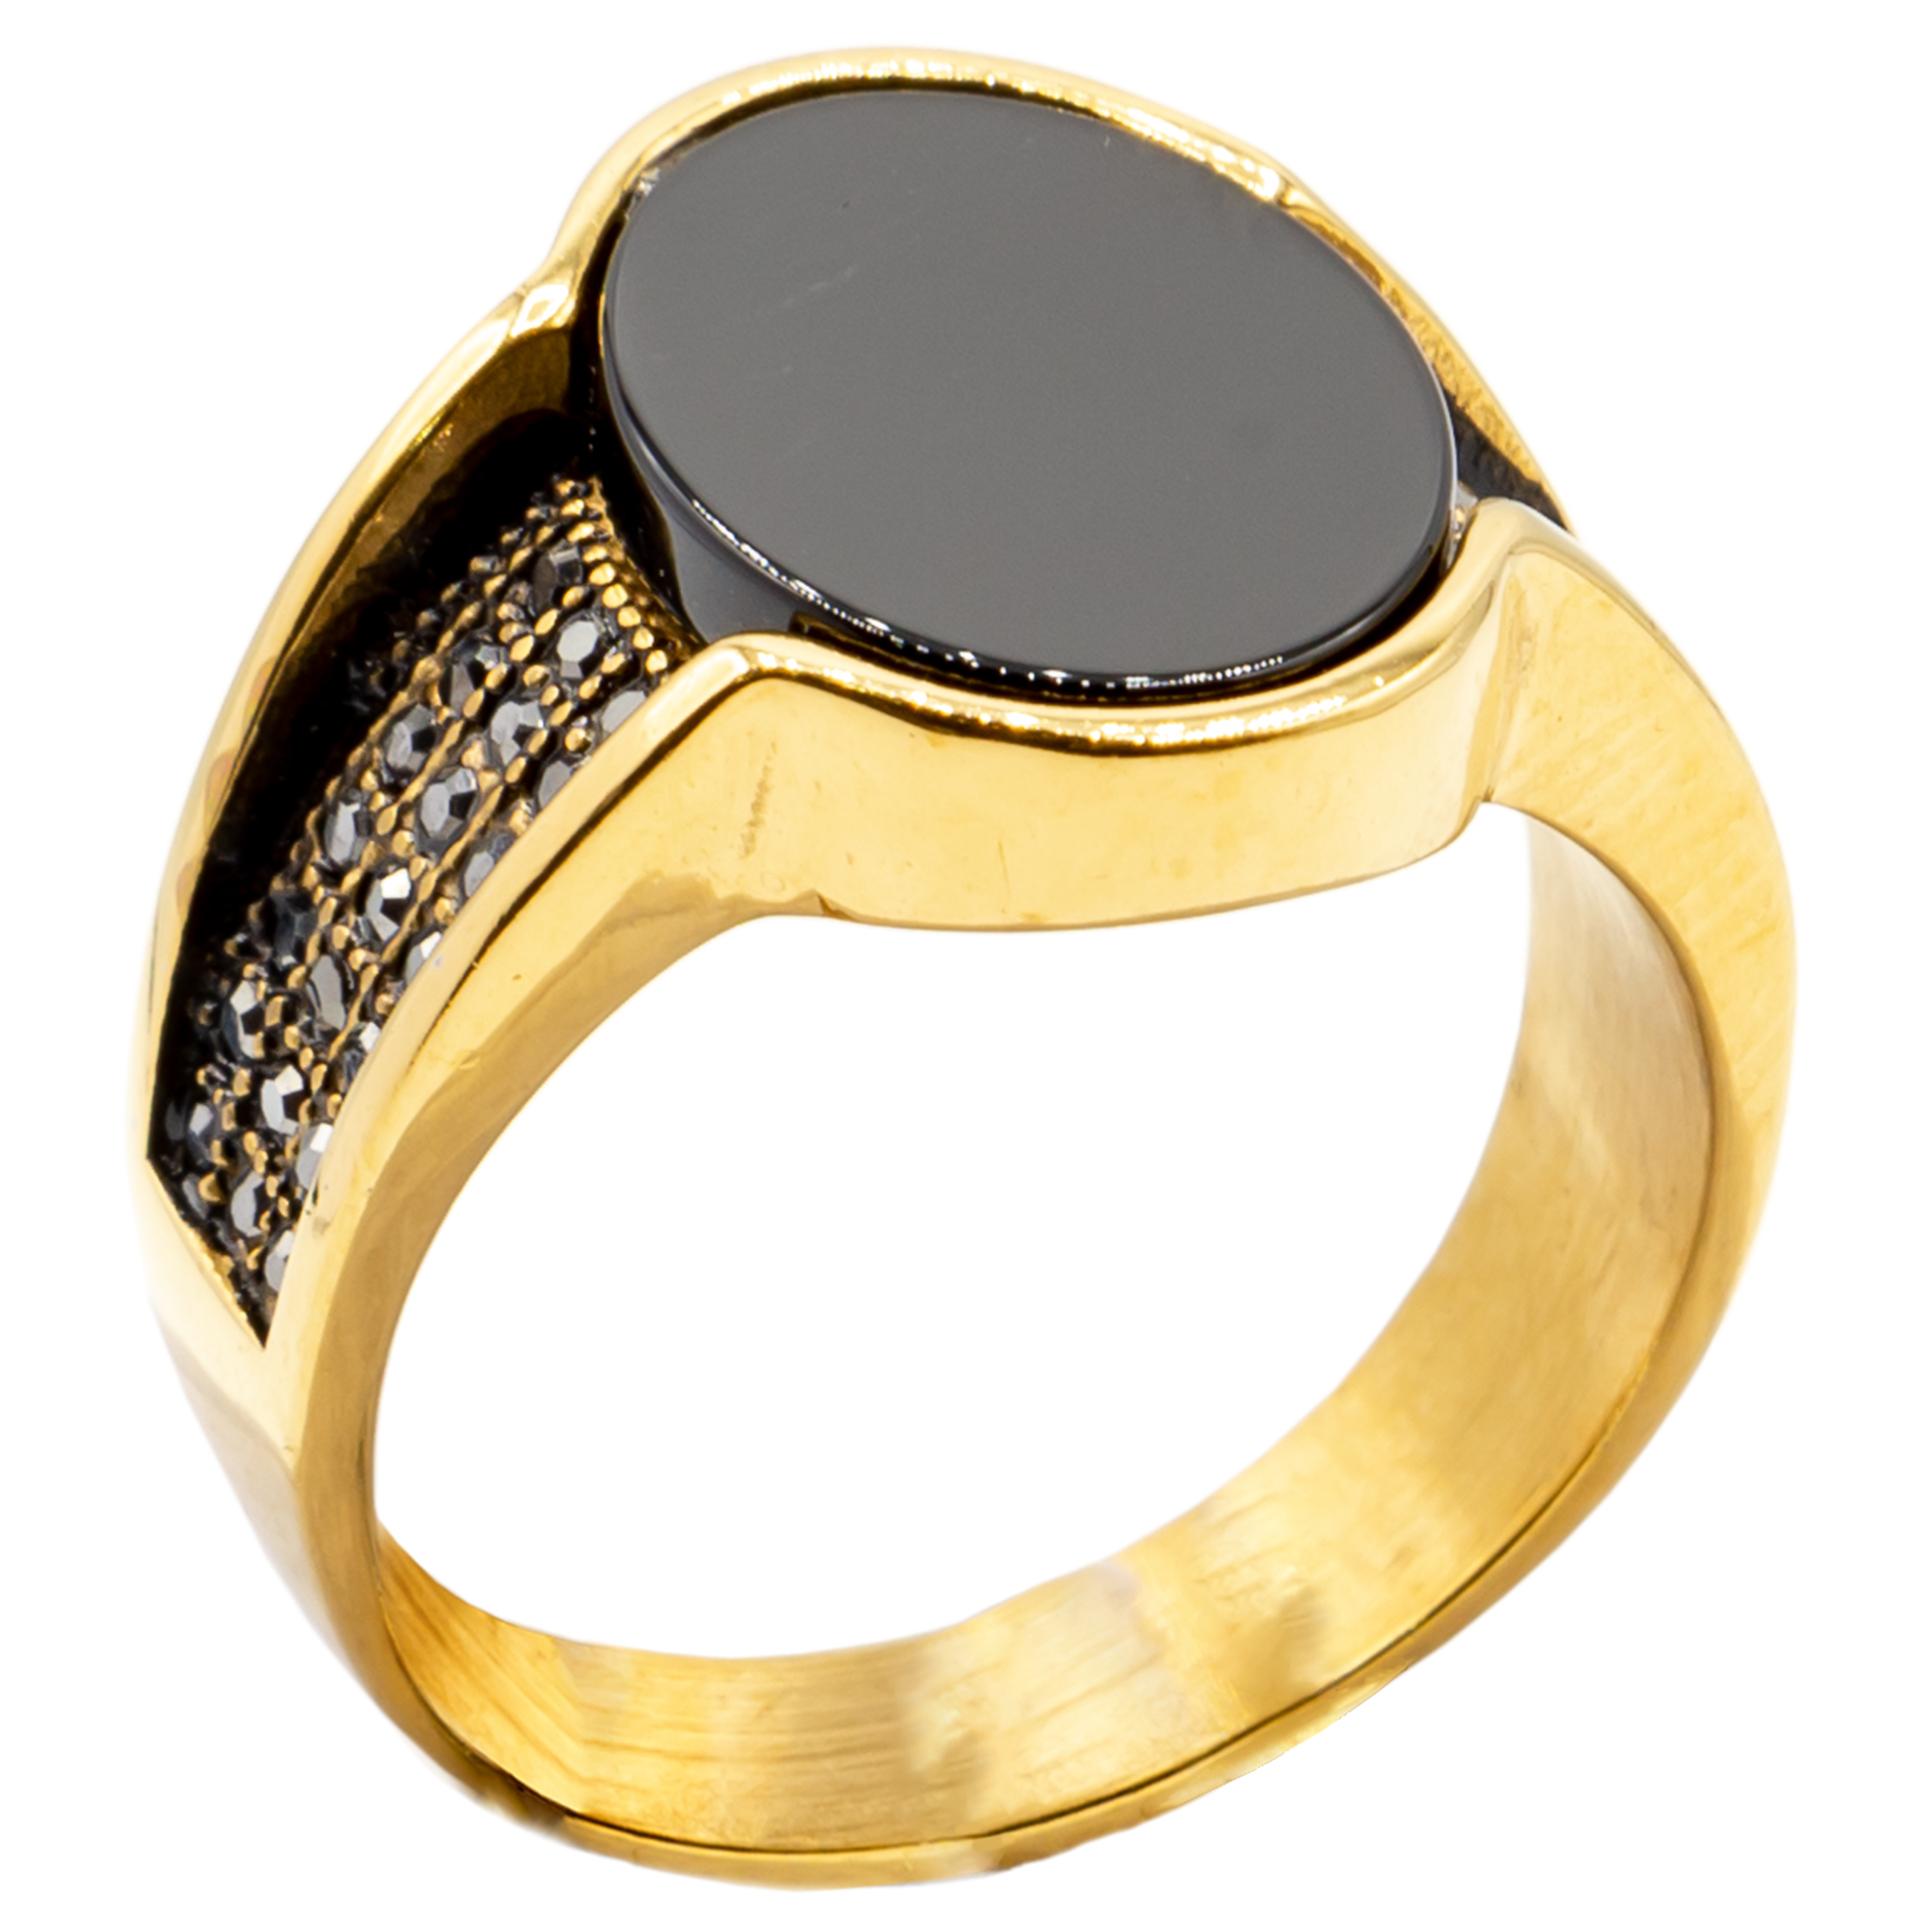 انگشتر مردانه بهارگالری مدل Oval Luxury